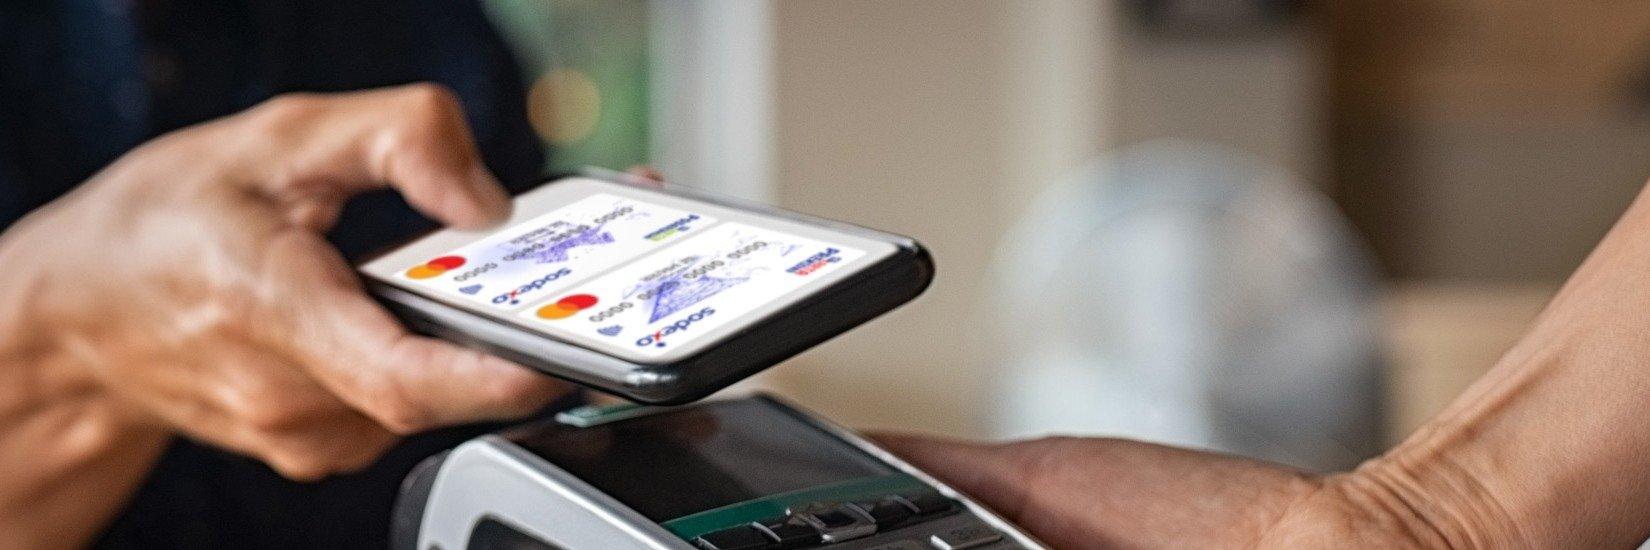 Wirtualne karty przedpłacone – nowość od Sodexo